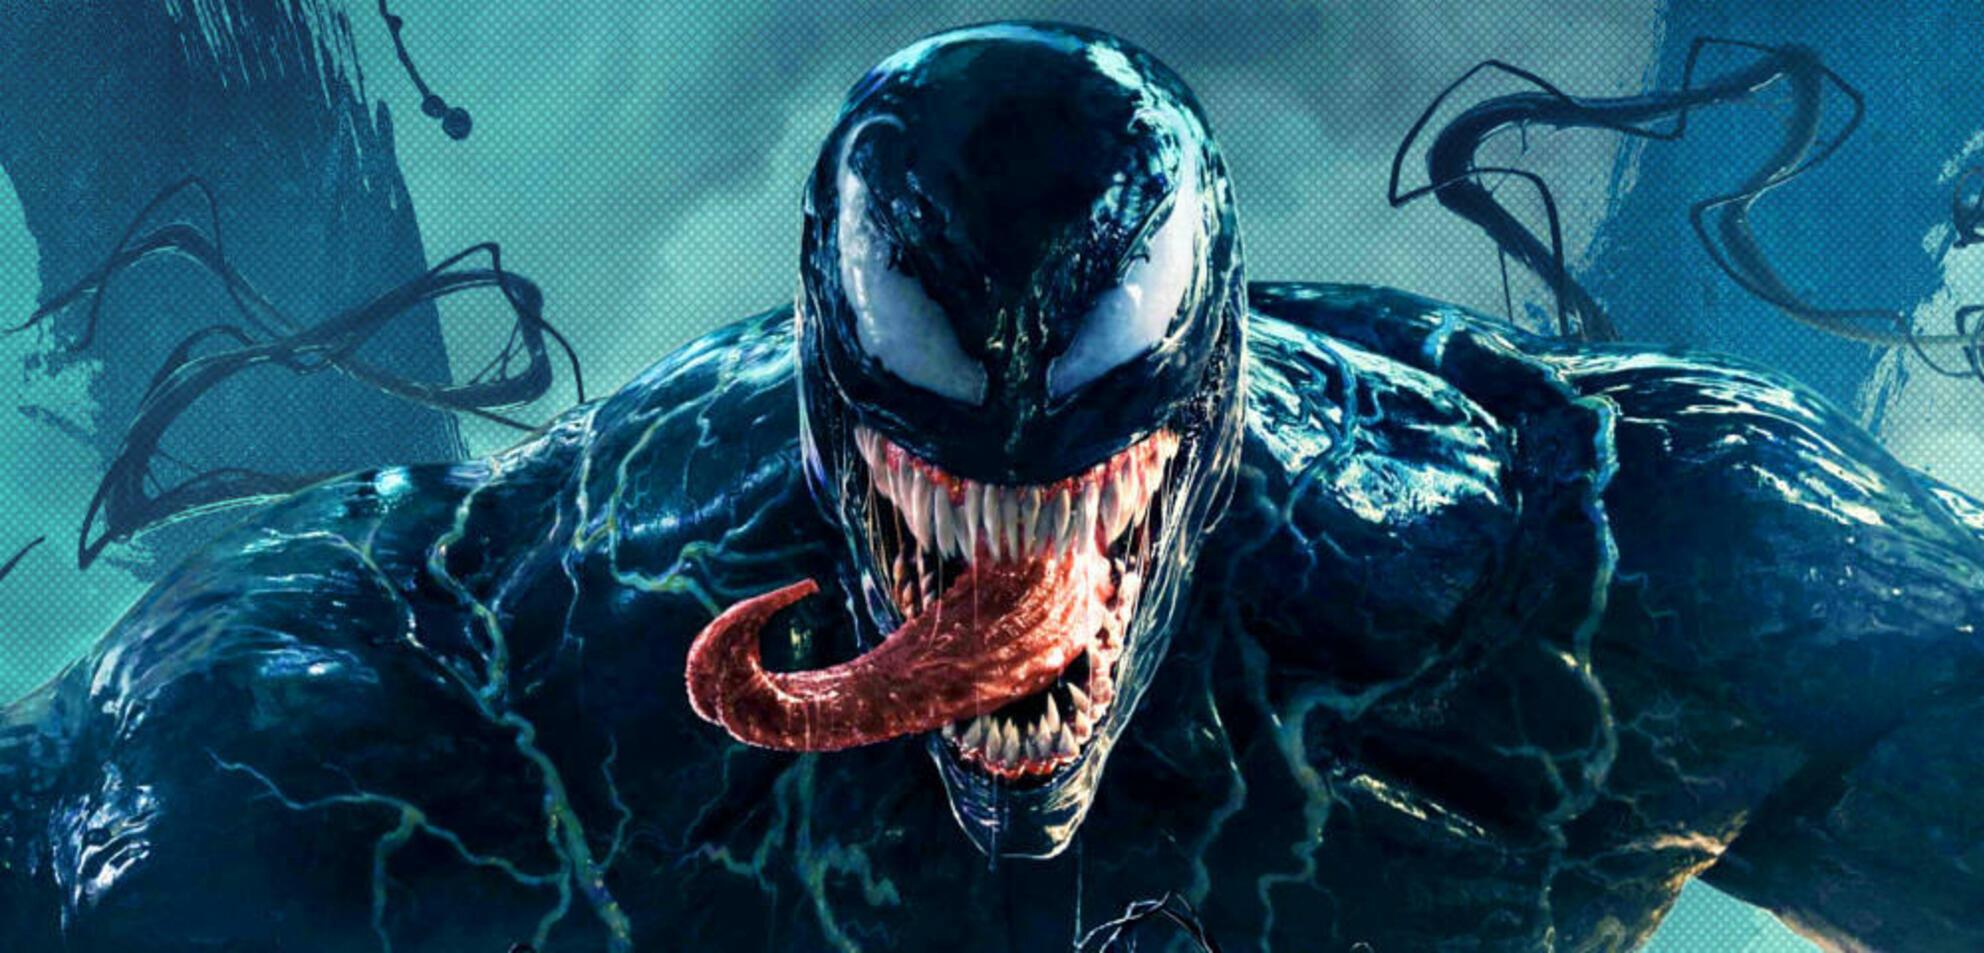 Marvel-Hit mit irrem Tom Hardy: Venom 2-Trailer zeigt grausamen Marvel-Bösewicht endlich in Aktion